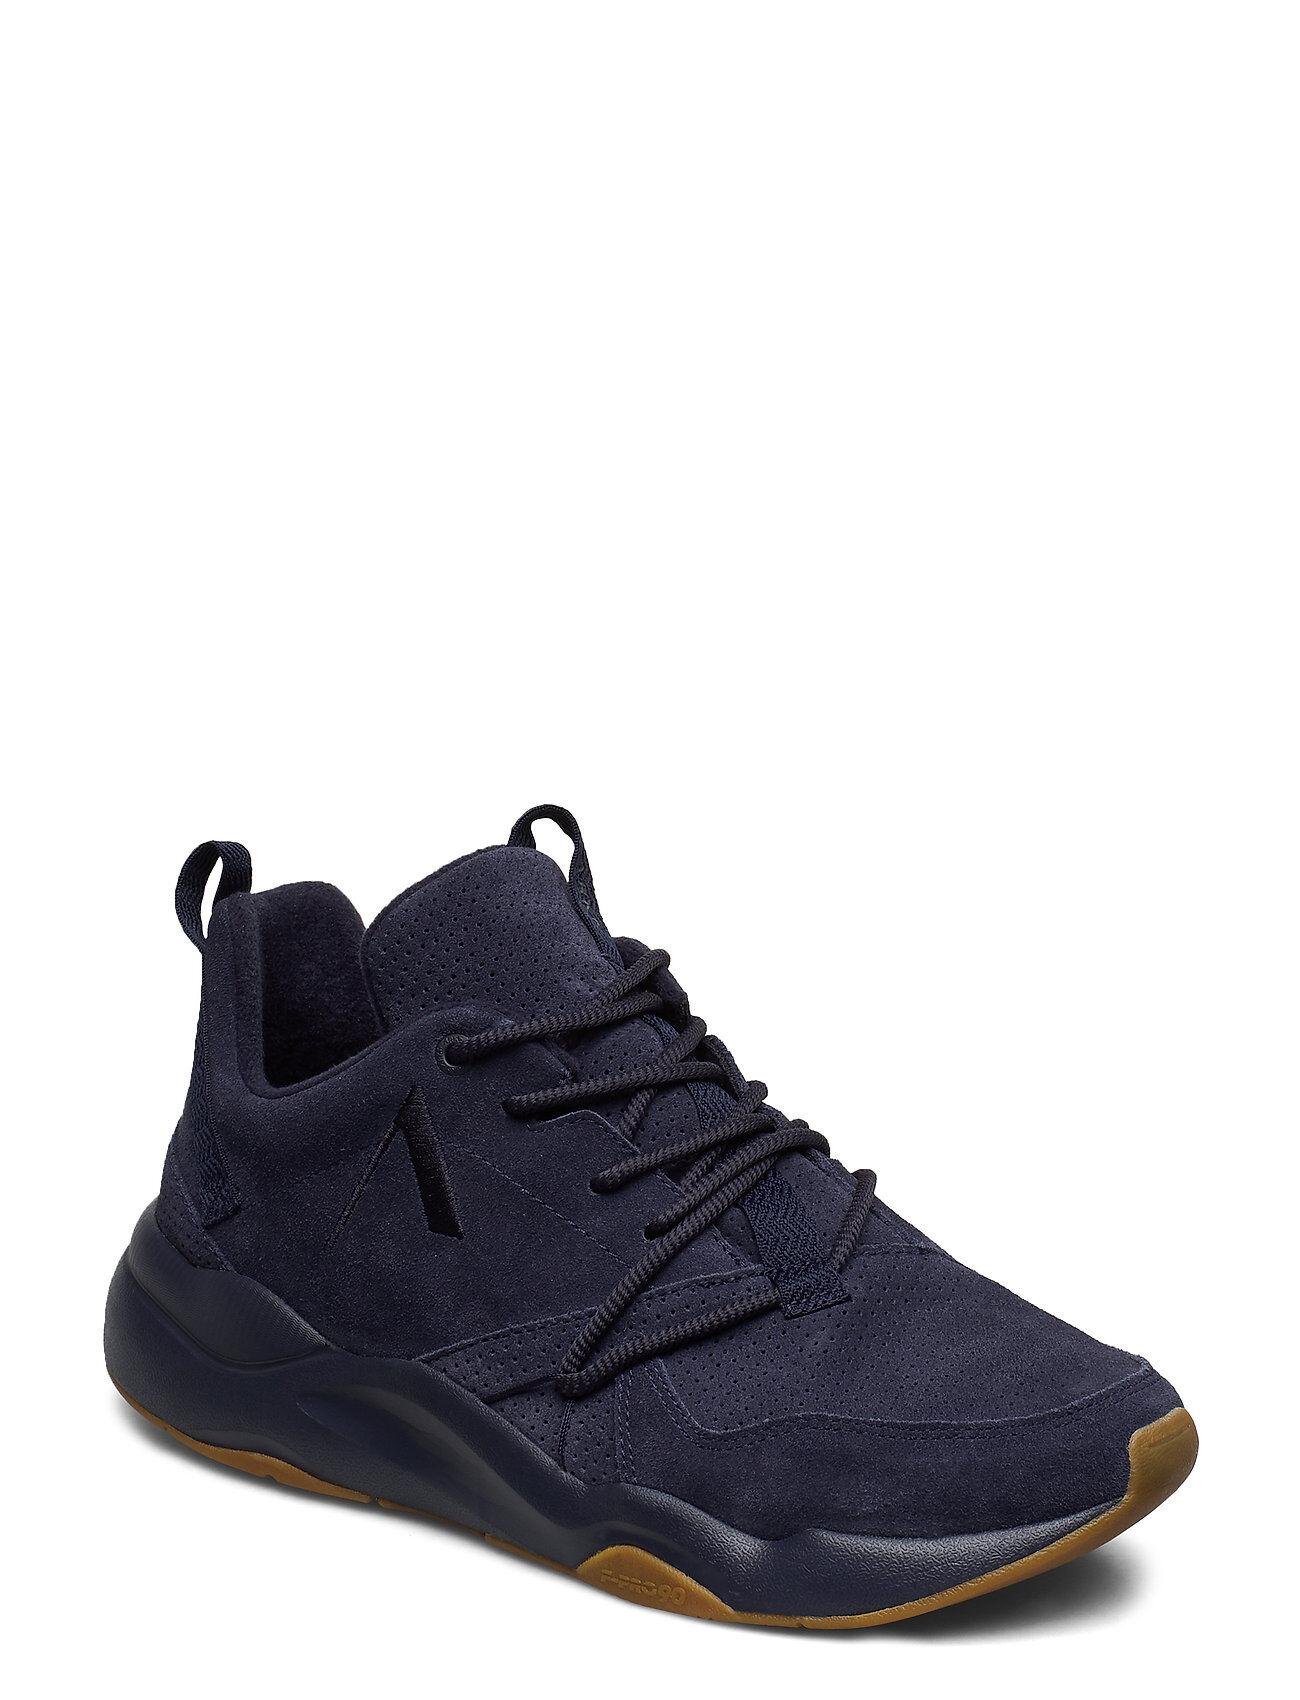 ARKK Copenhagen Asymtrix Suede 2.0 F-Pro90 Midnight Matalavartiset Sneakerit Tennarit Sininen ARKK Copenhagen